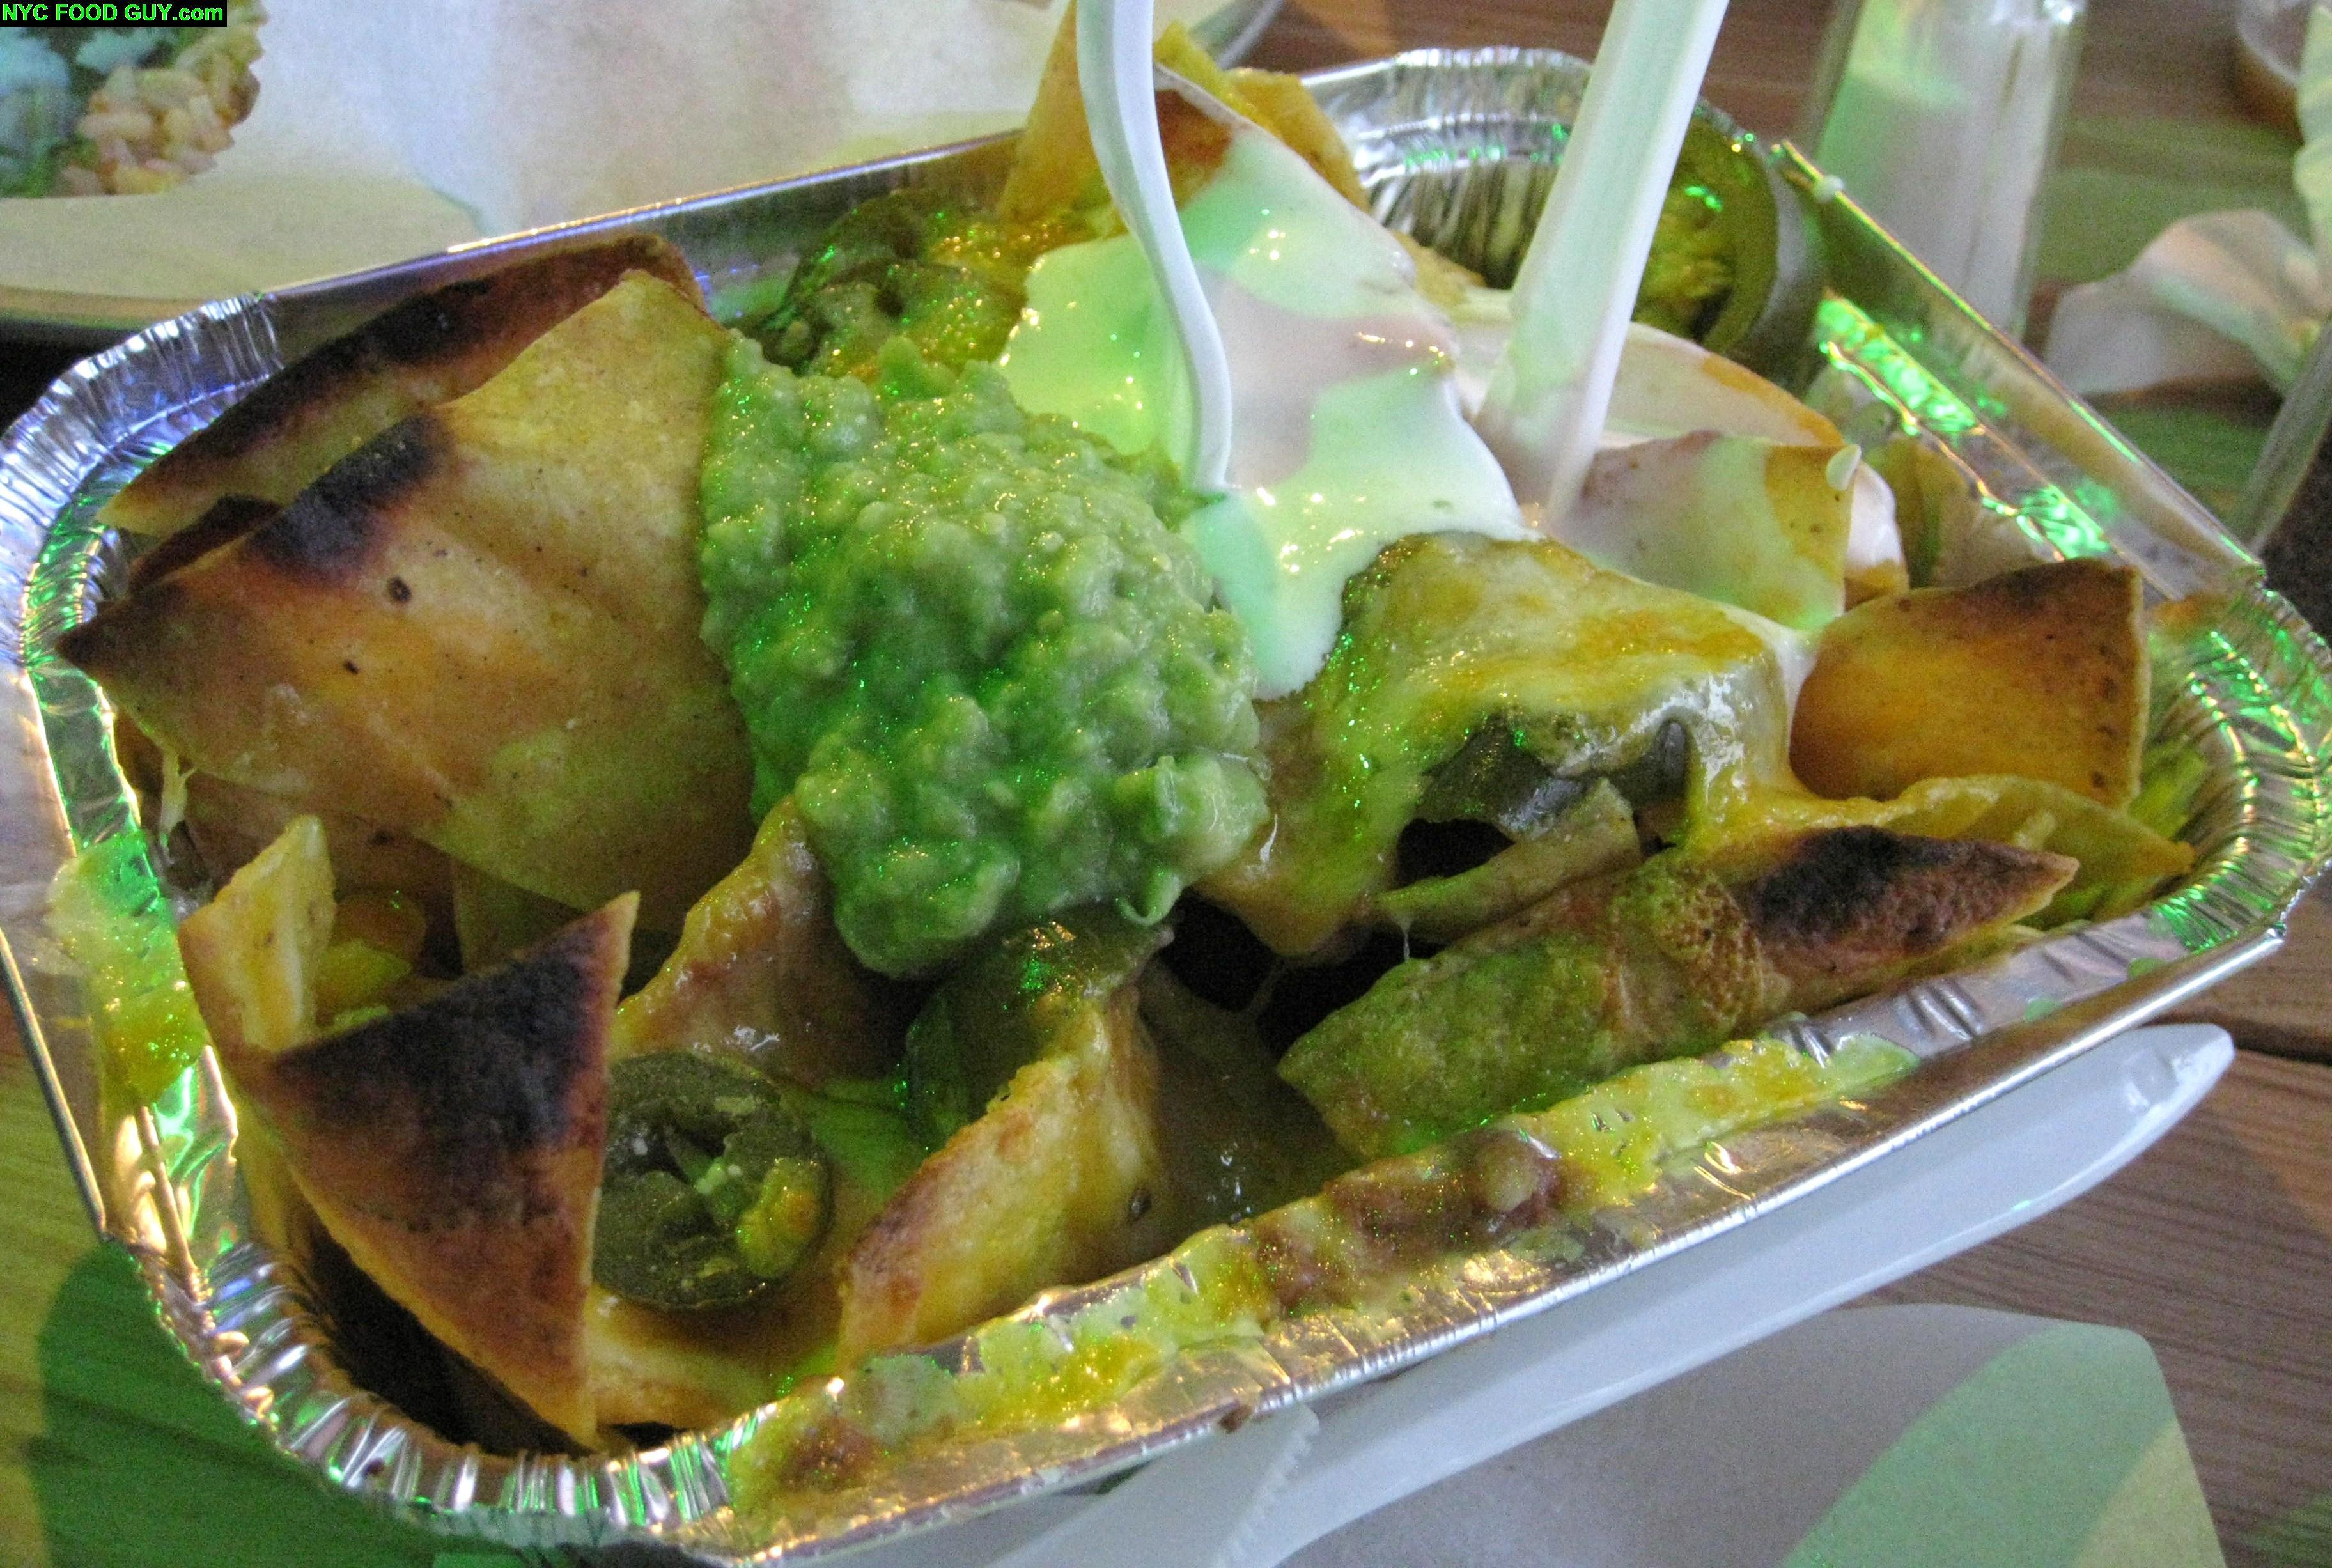 nyc-food-guy-dot-com-0341